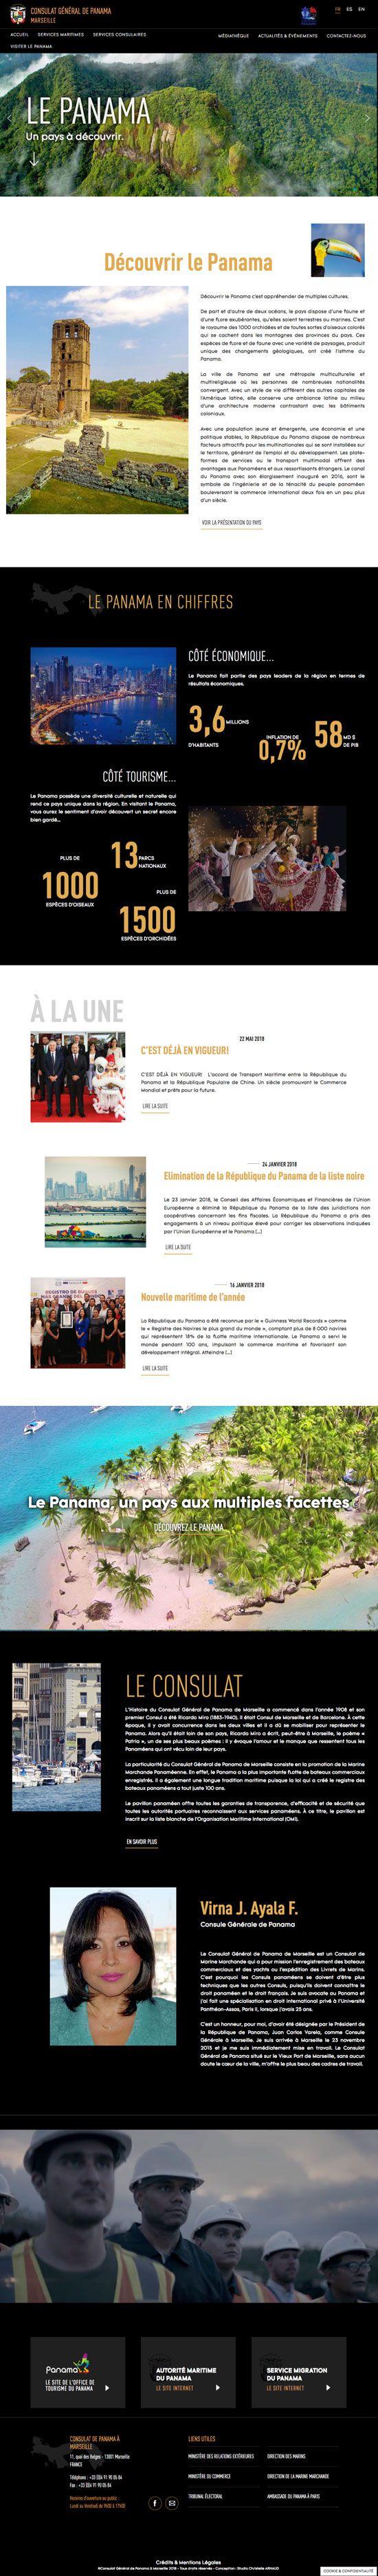 webdesign de home page de site institutionnel